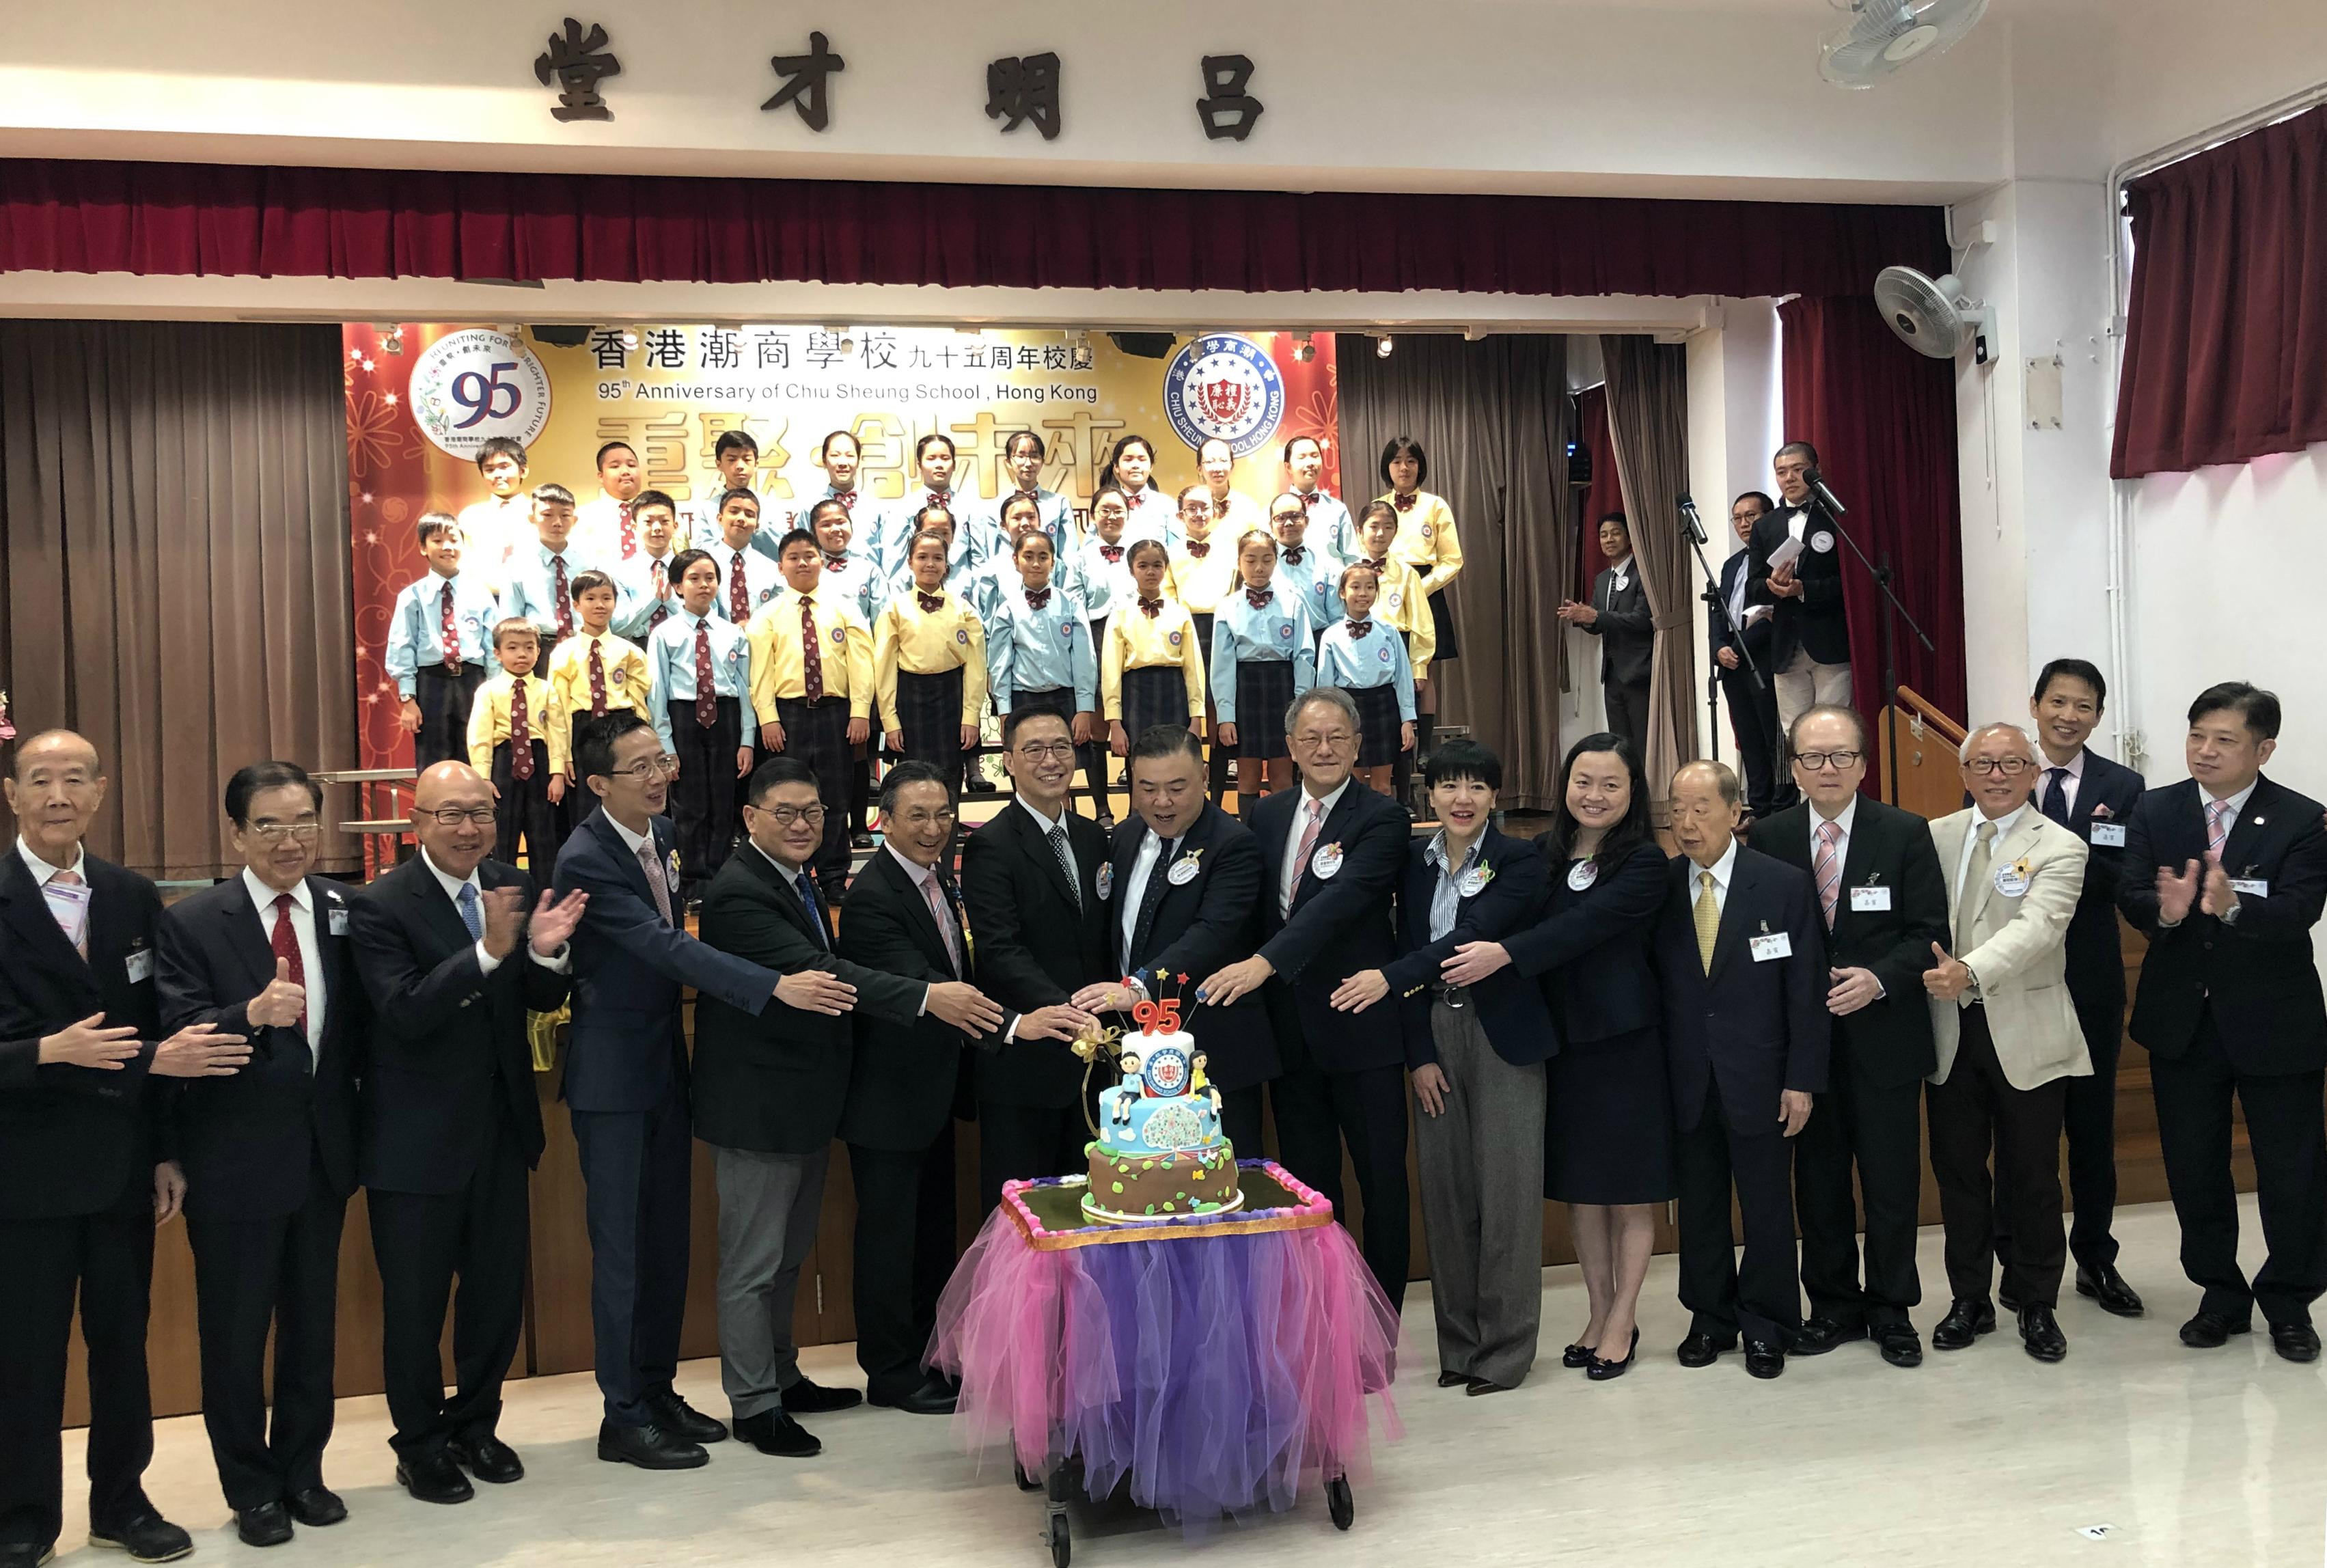 4-香港特區政府教育局局長楊潤雄(左七)同本會首長、香港潮商學校師生代表等各界嘉賓一同慶祝香港潮商學校成立95周年-